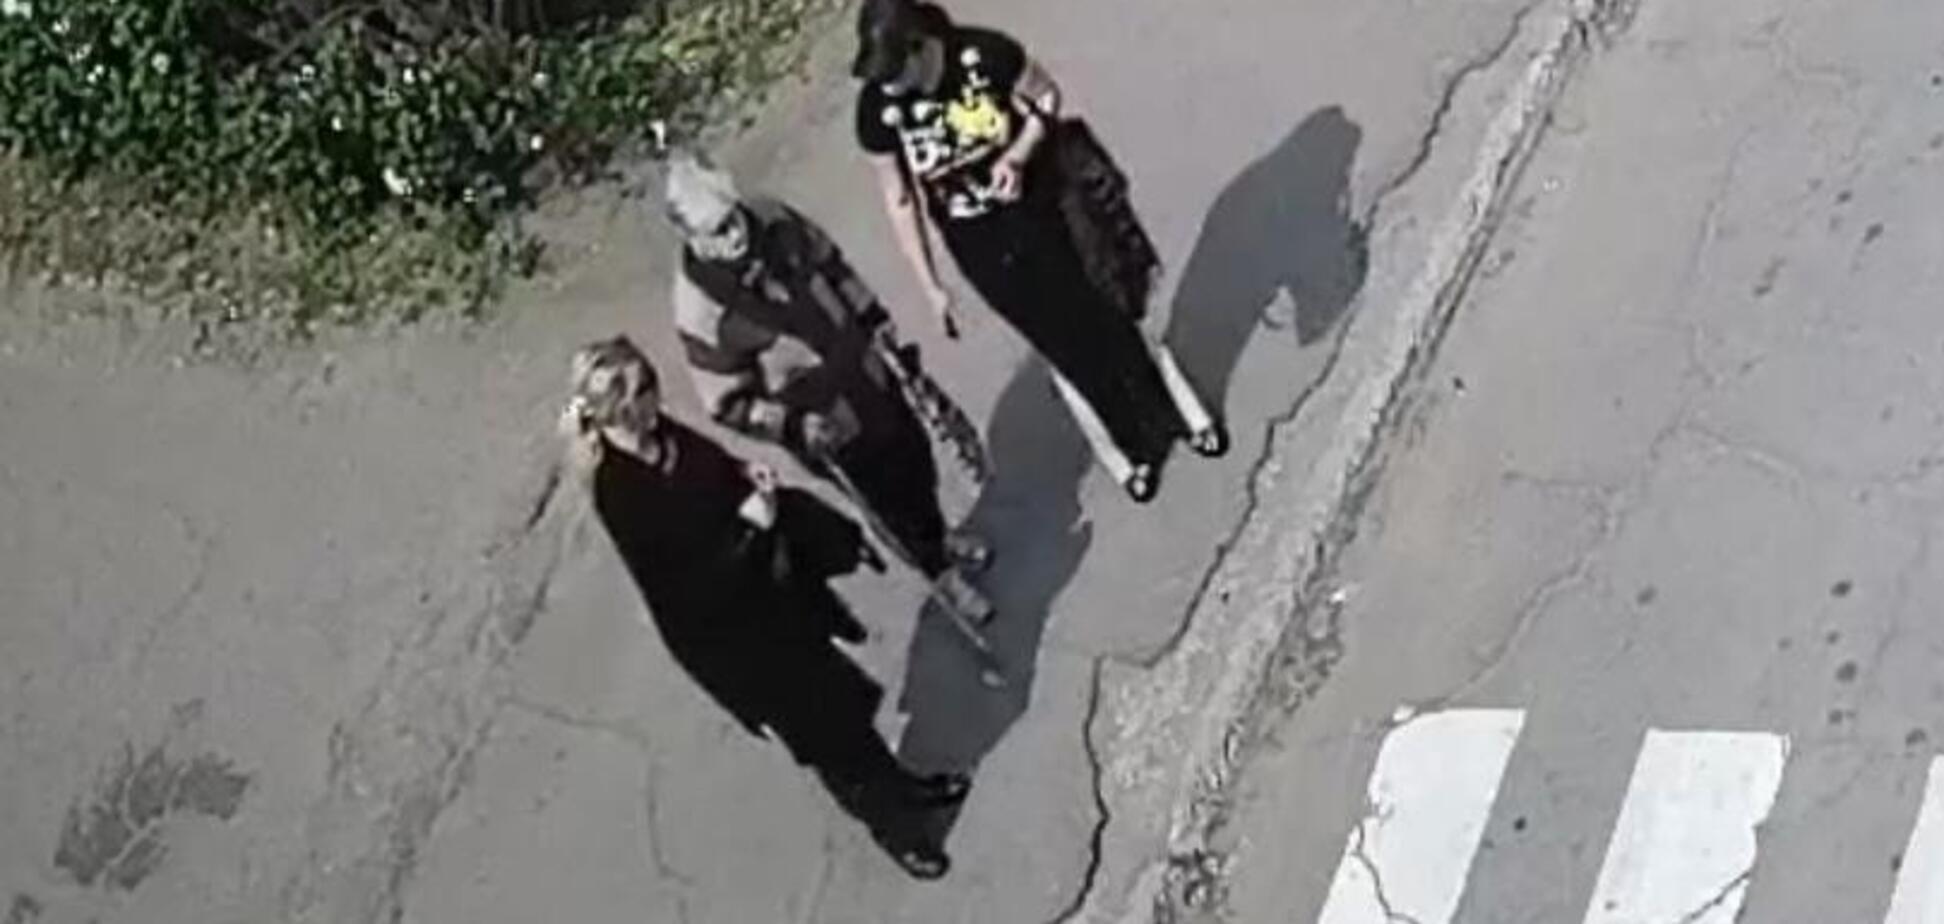 На Днепропетровщине мошенницы среди белого дня 'развели' на деньги женщину. Фото аферисток